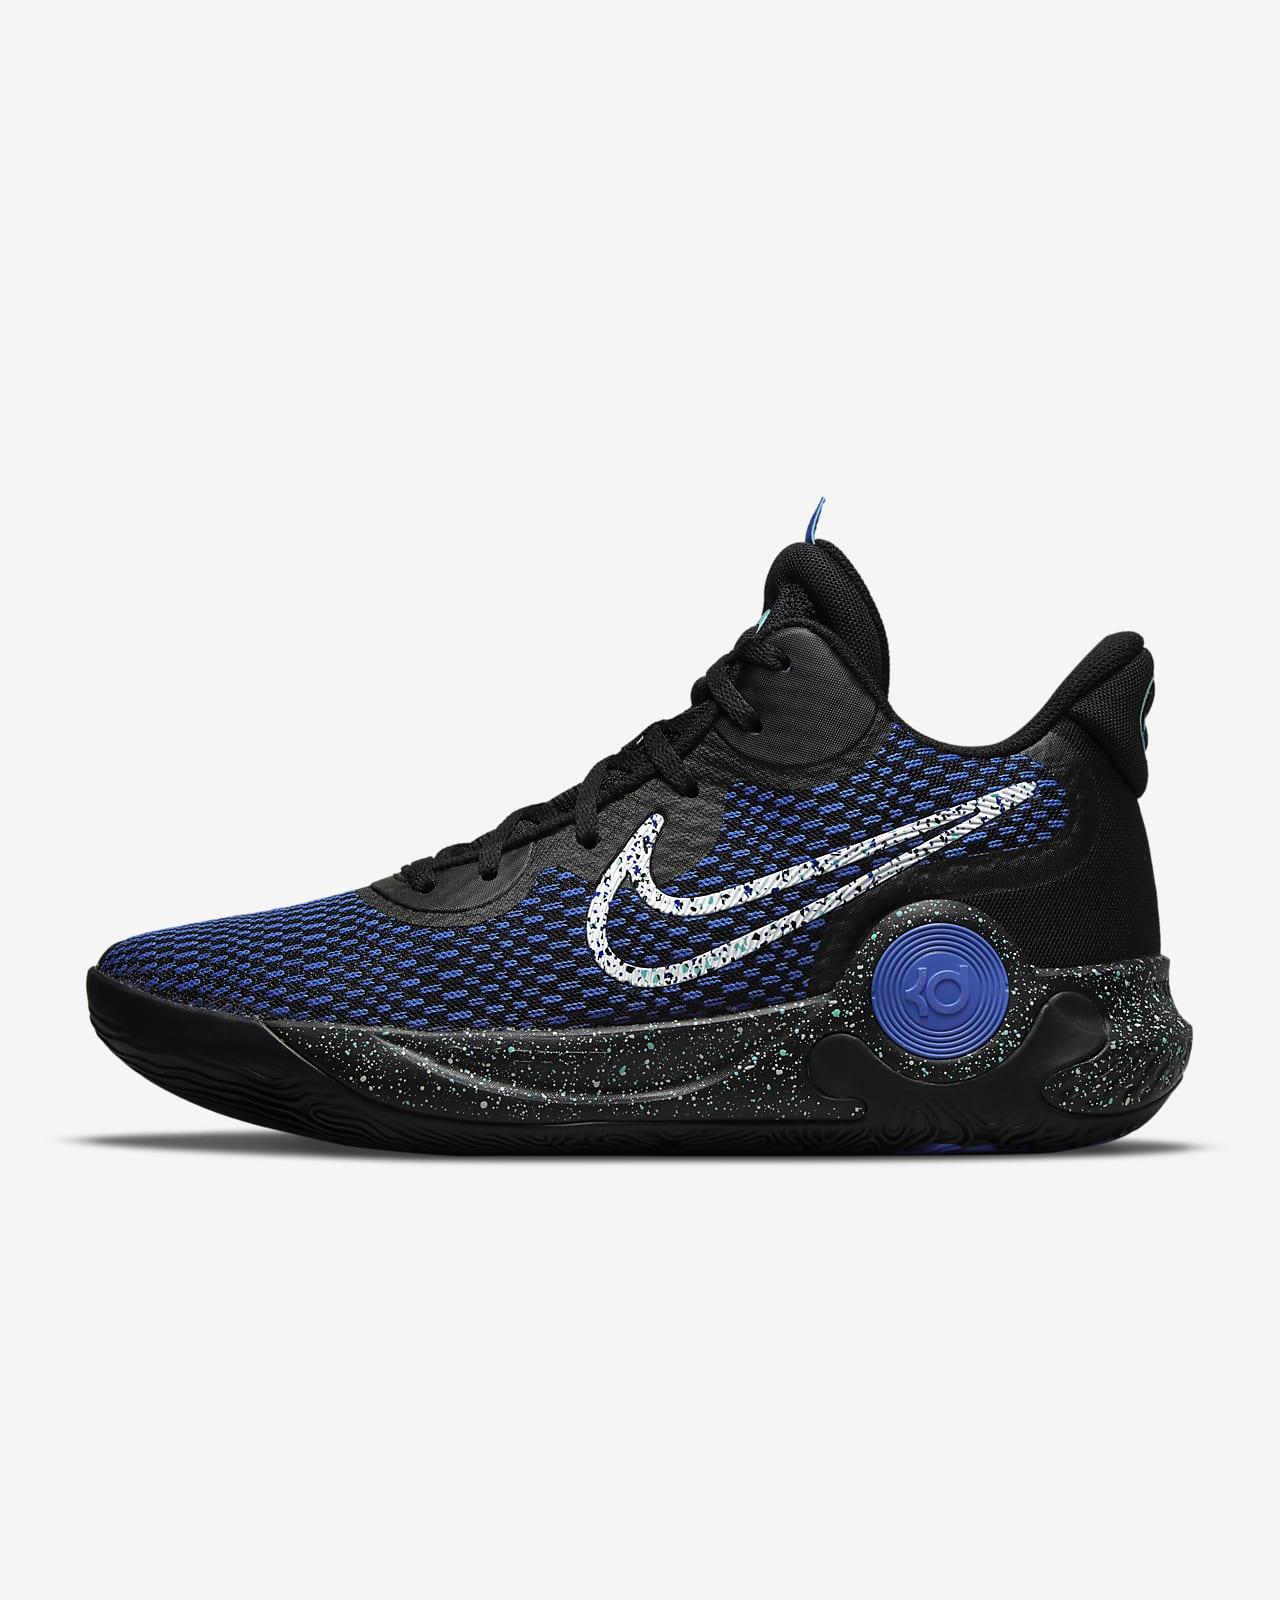 Chaussure de basketball KD Trey 5 IX